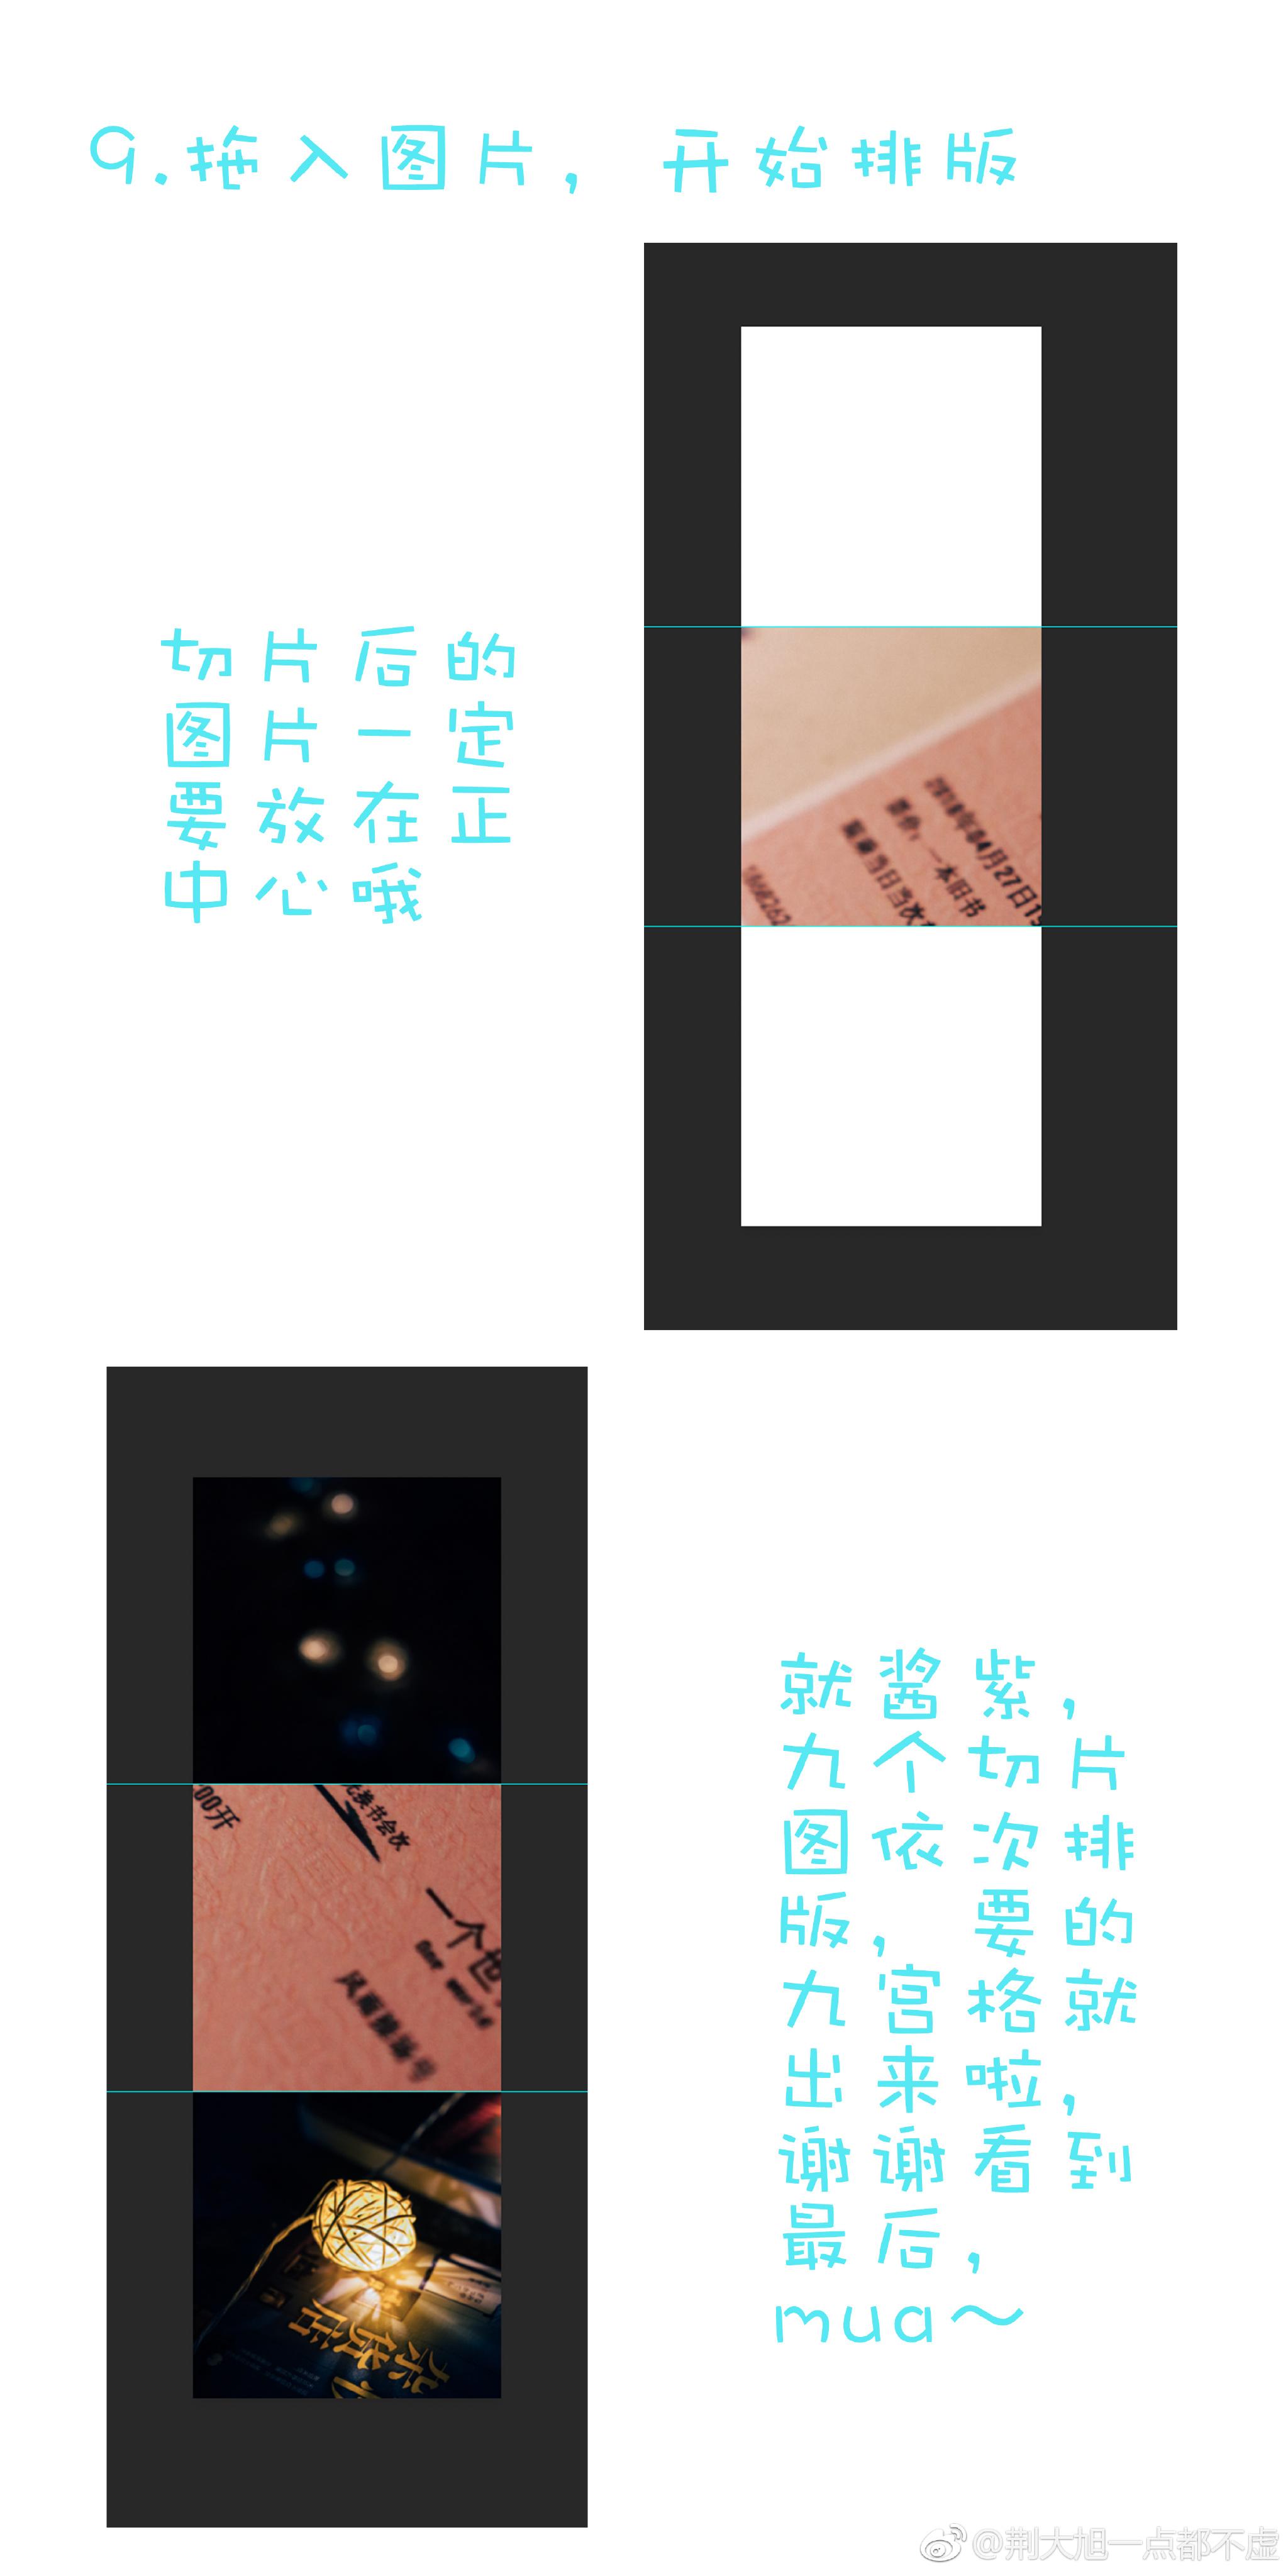 制作一张九宫格封面下藏着好多图片 ,其实就是这么简单,看过一遍就会图片